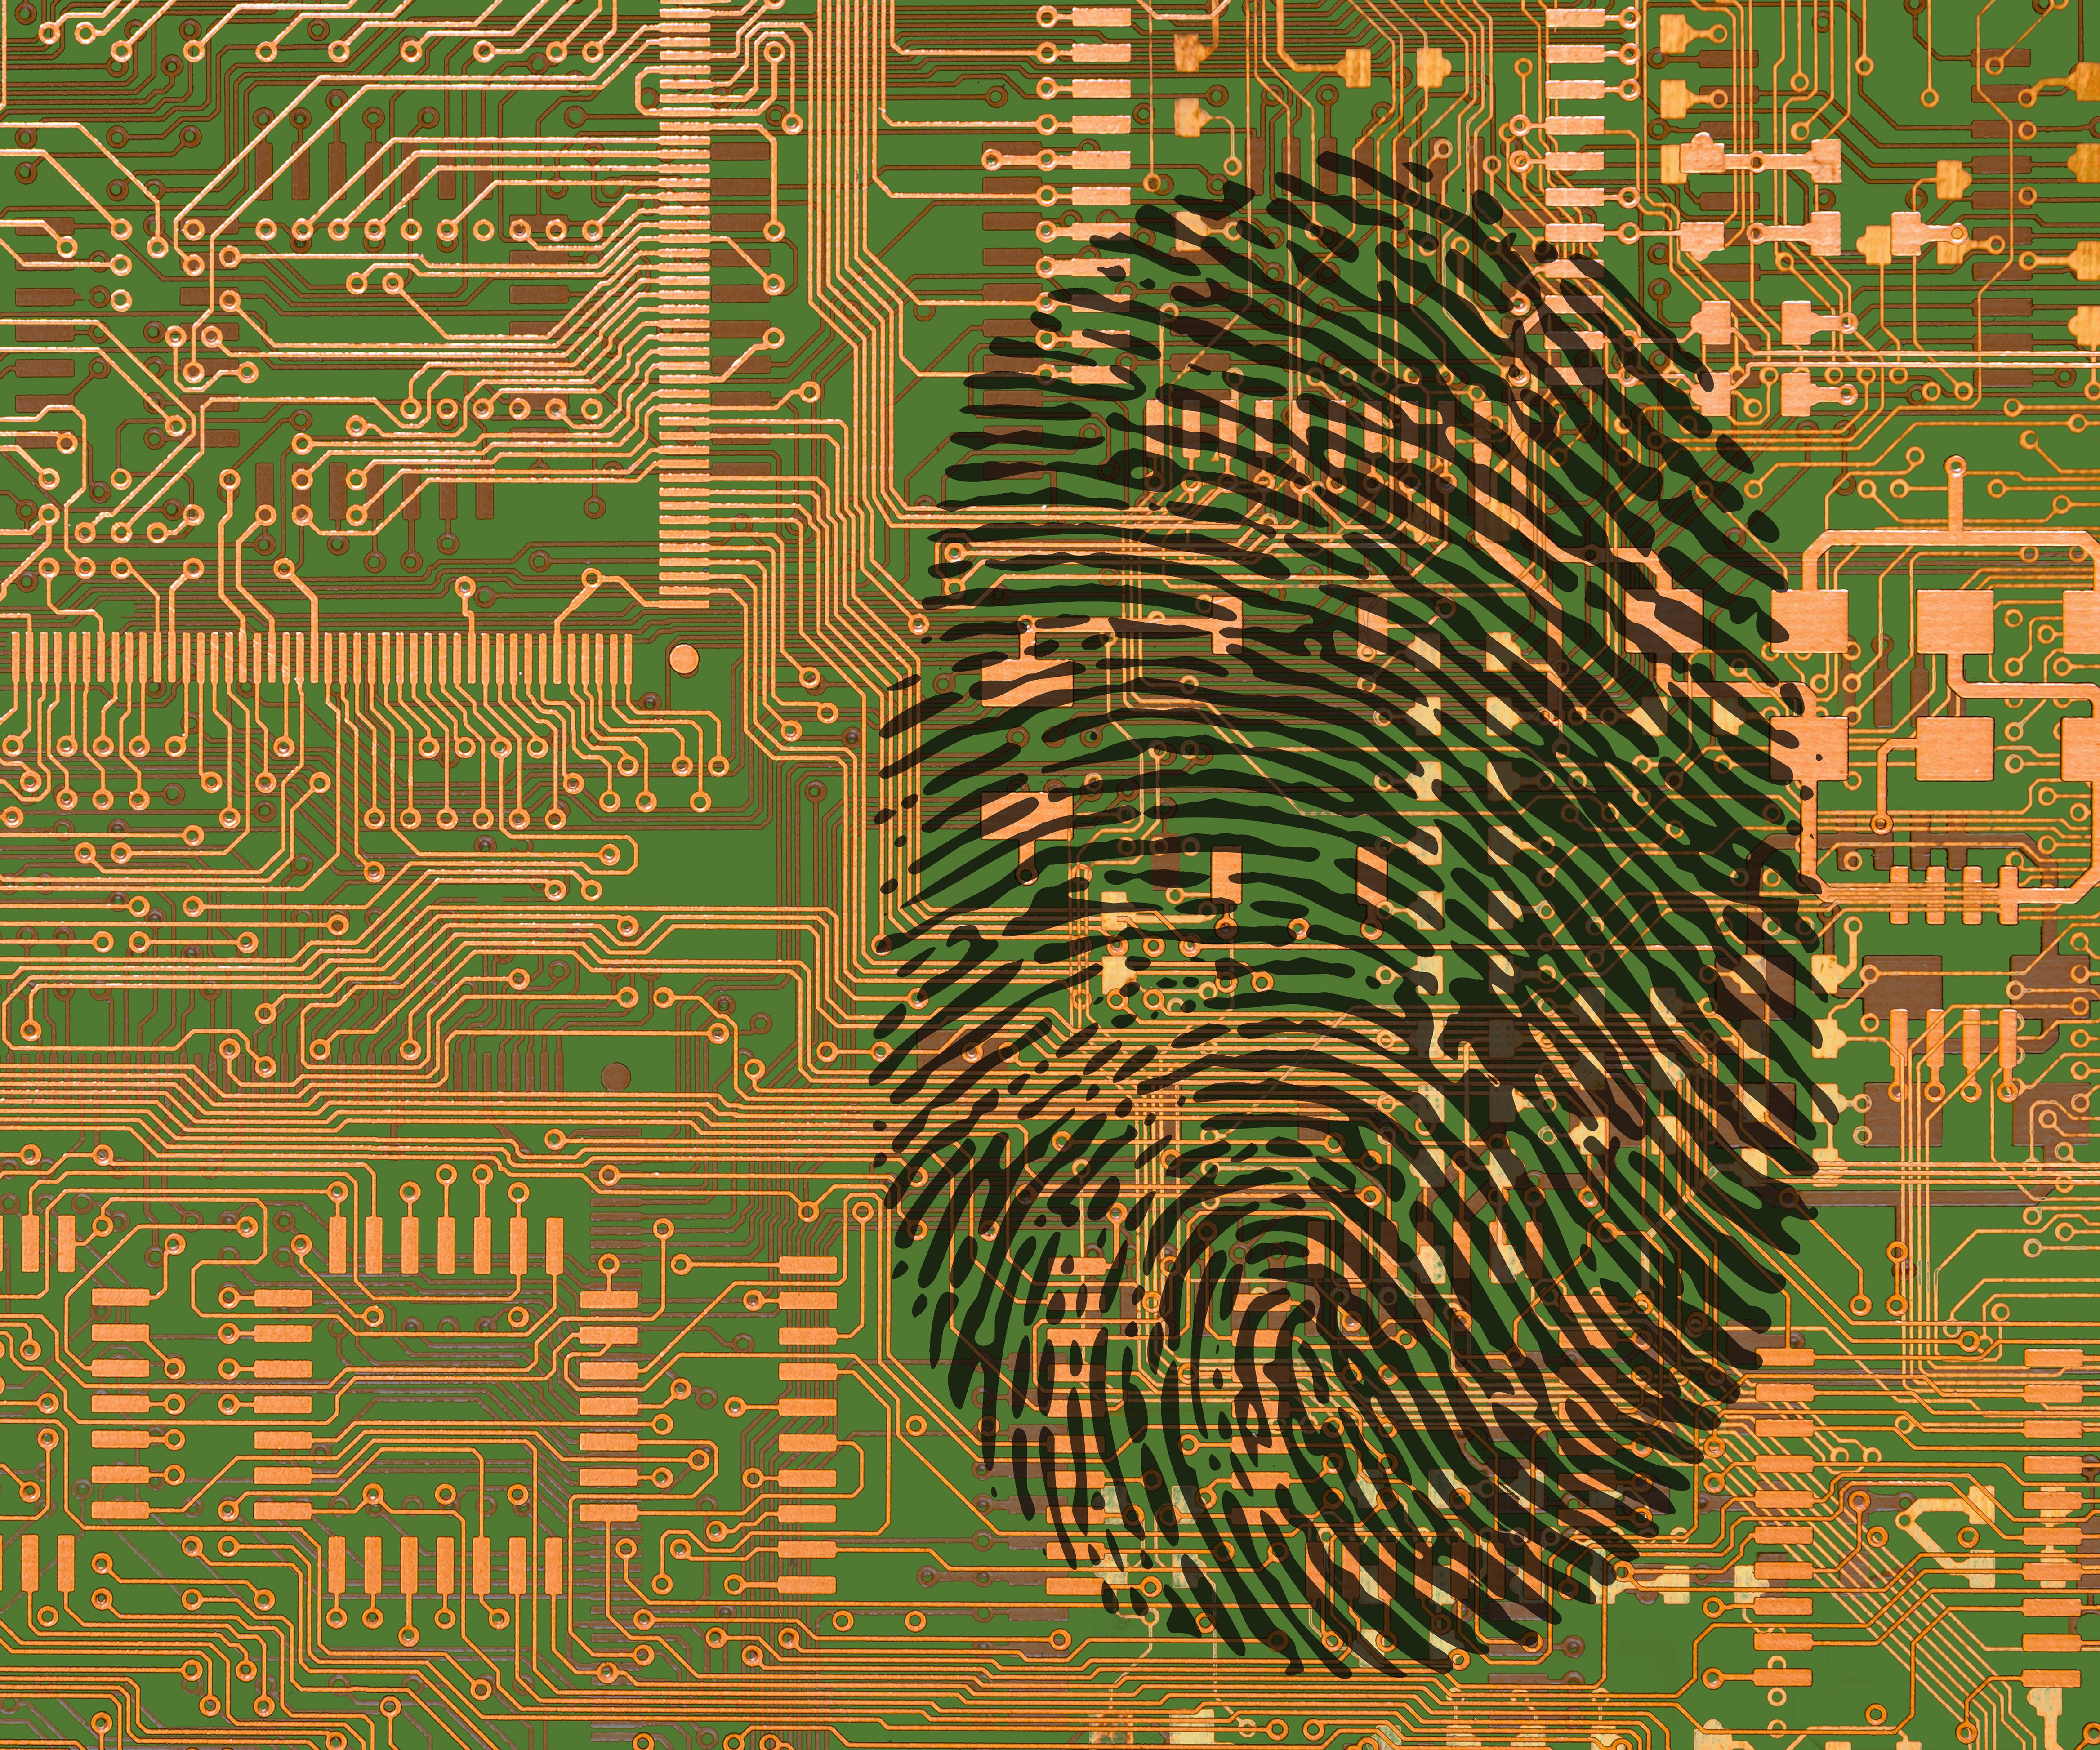 fingerprint board